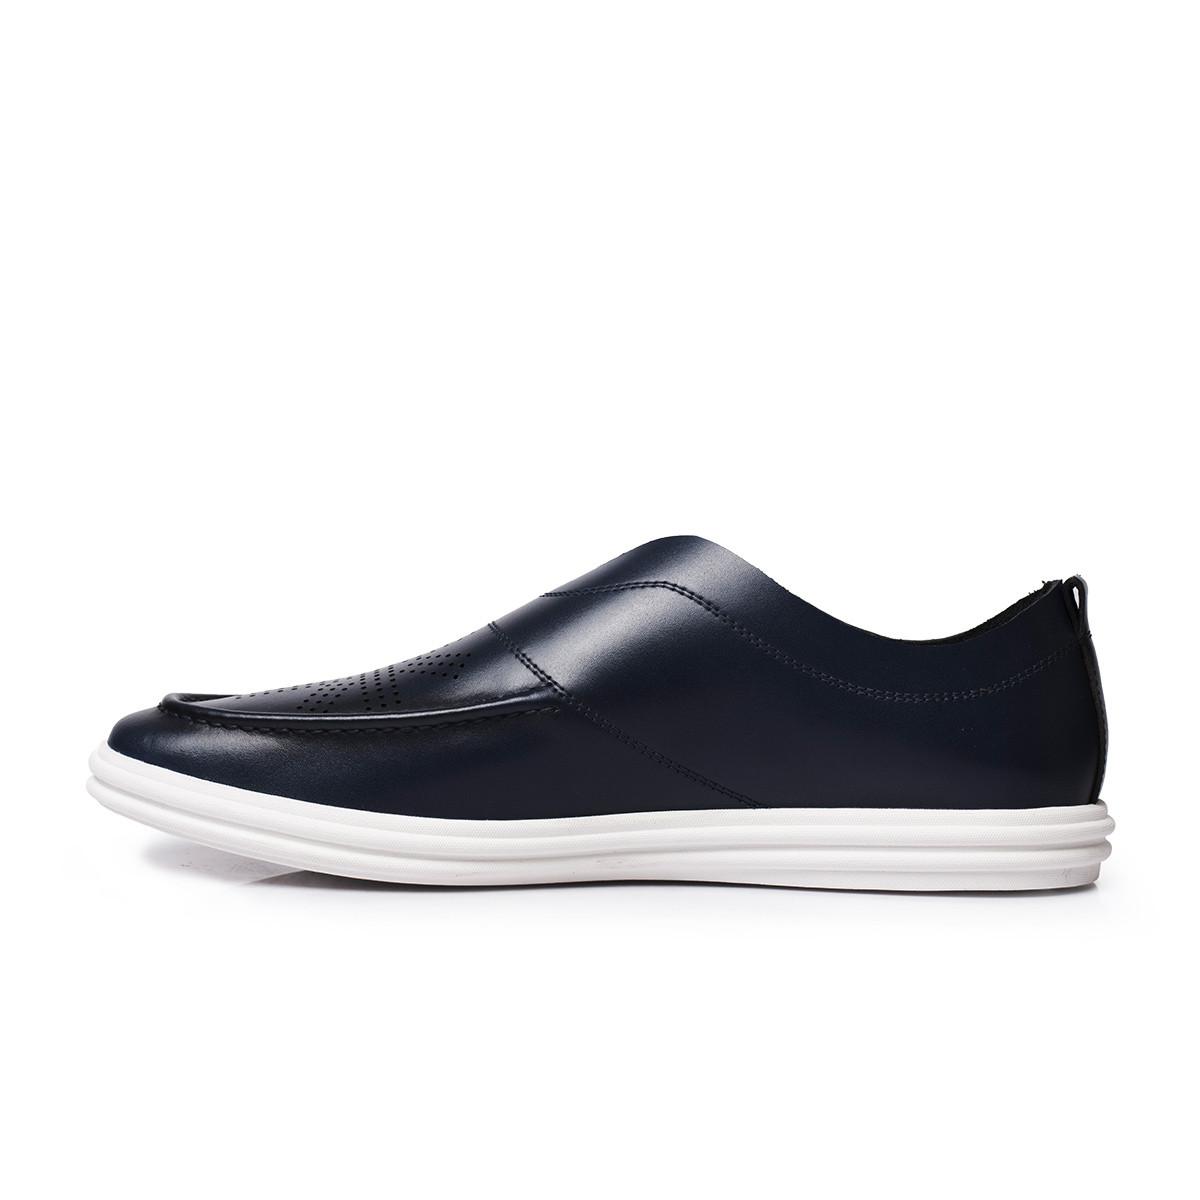 策恩策恩春季新款男士皮鞋 镂空真皮懒汉鞋休闲透气一脚蹬男鞋CF6O39-600